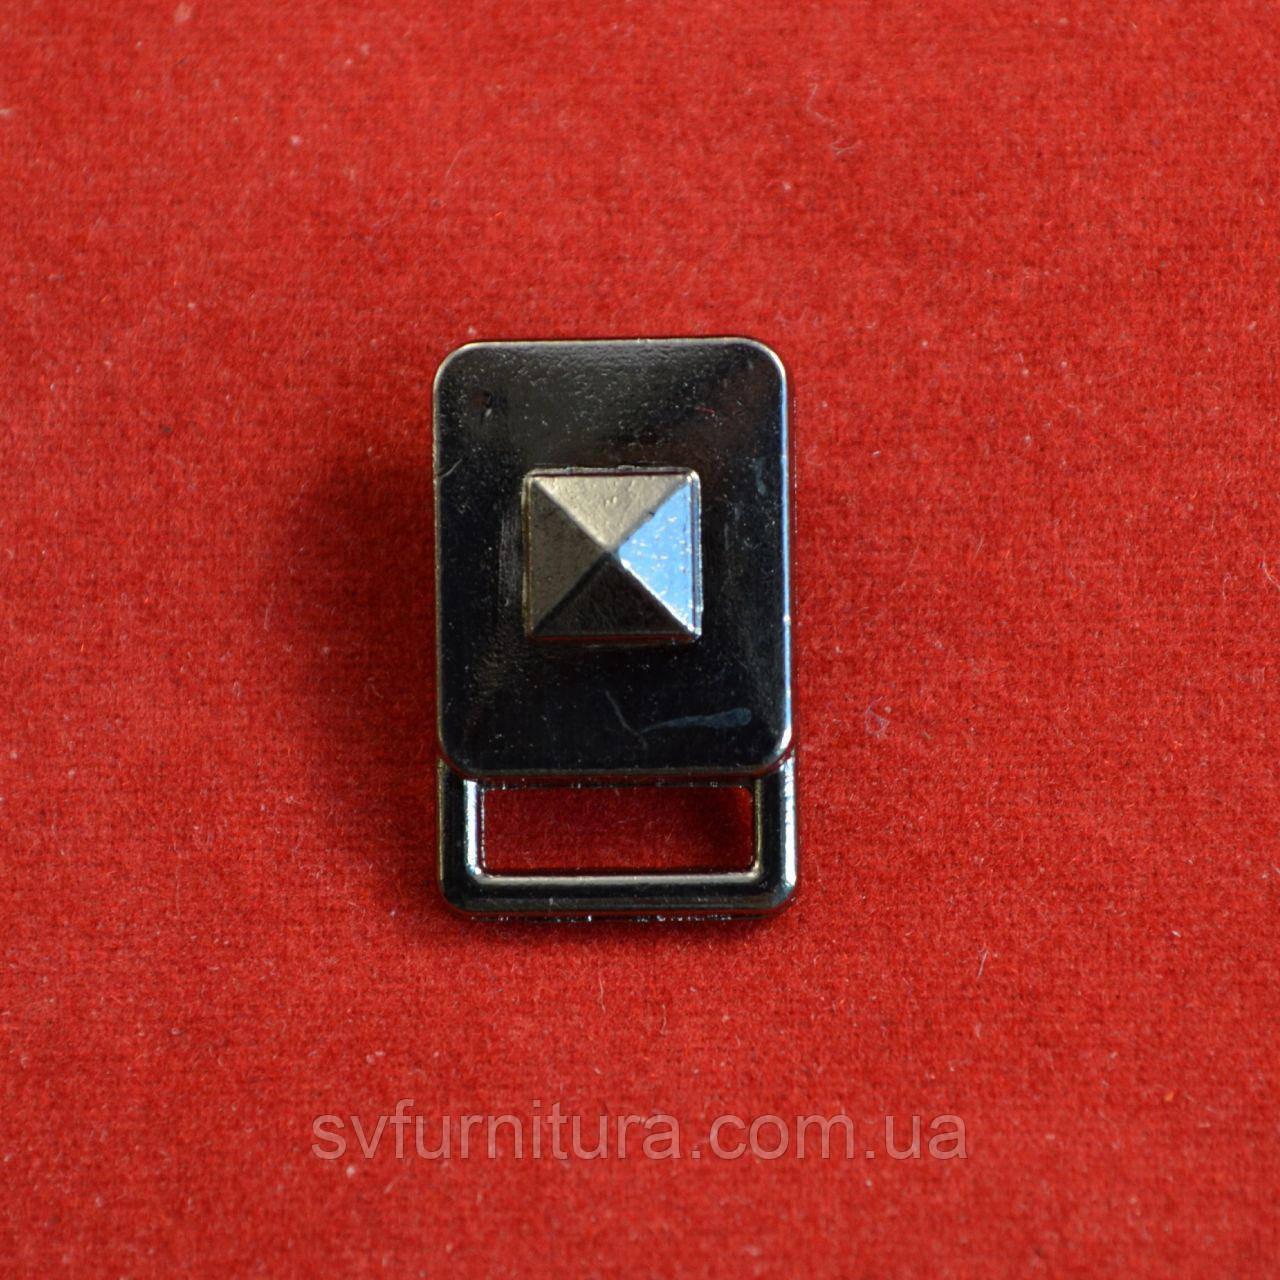 Кнопка А 15120 нікель